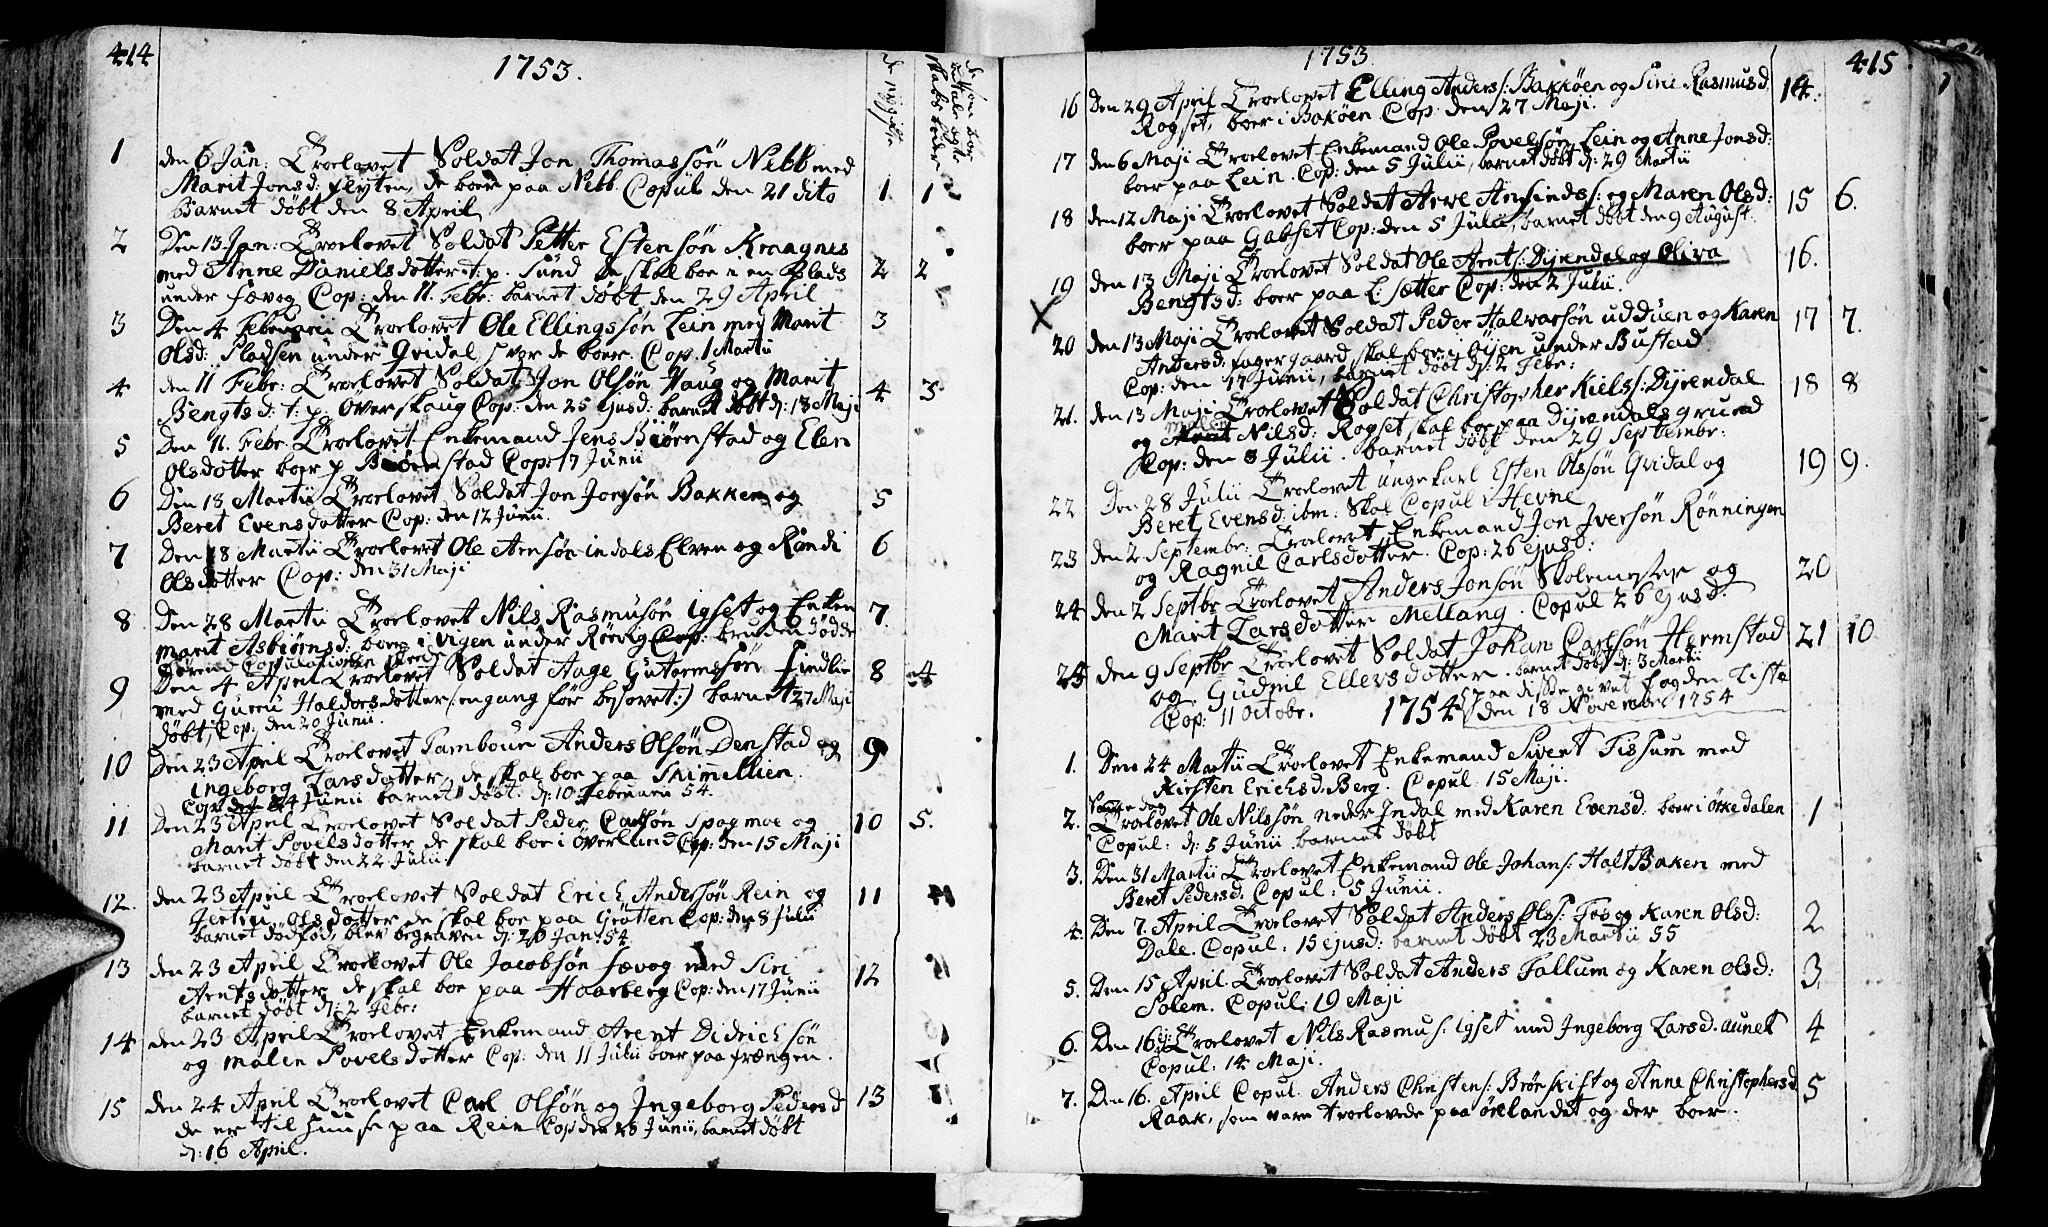 SAT, Ministerialprotokoller, klokkerbøker og fødselsregistre - Sør-Trøndelag, 646/L0605: Ministerialbok nr. 646A03, 1751-1790, s. 414-415